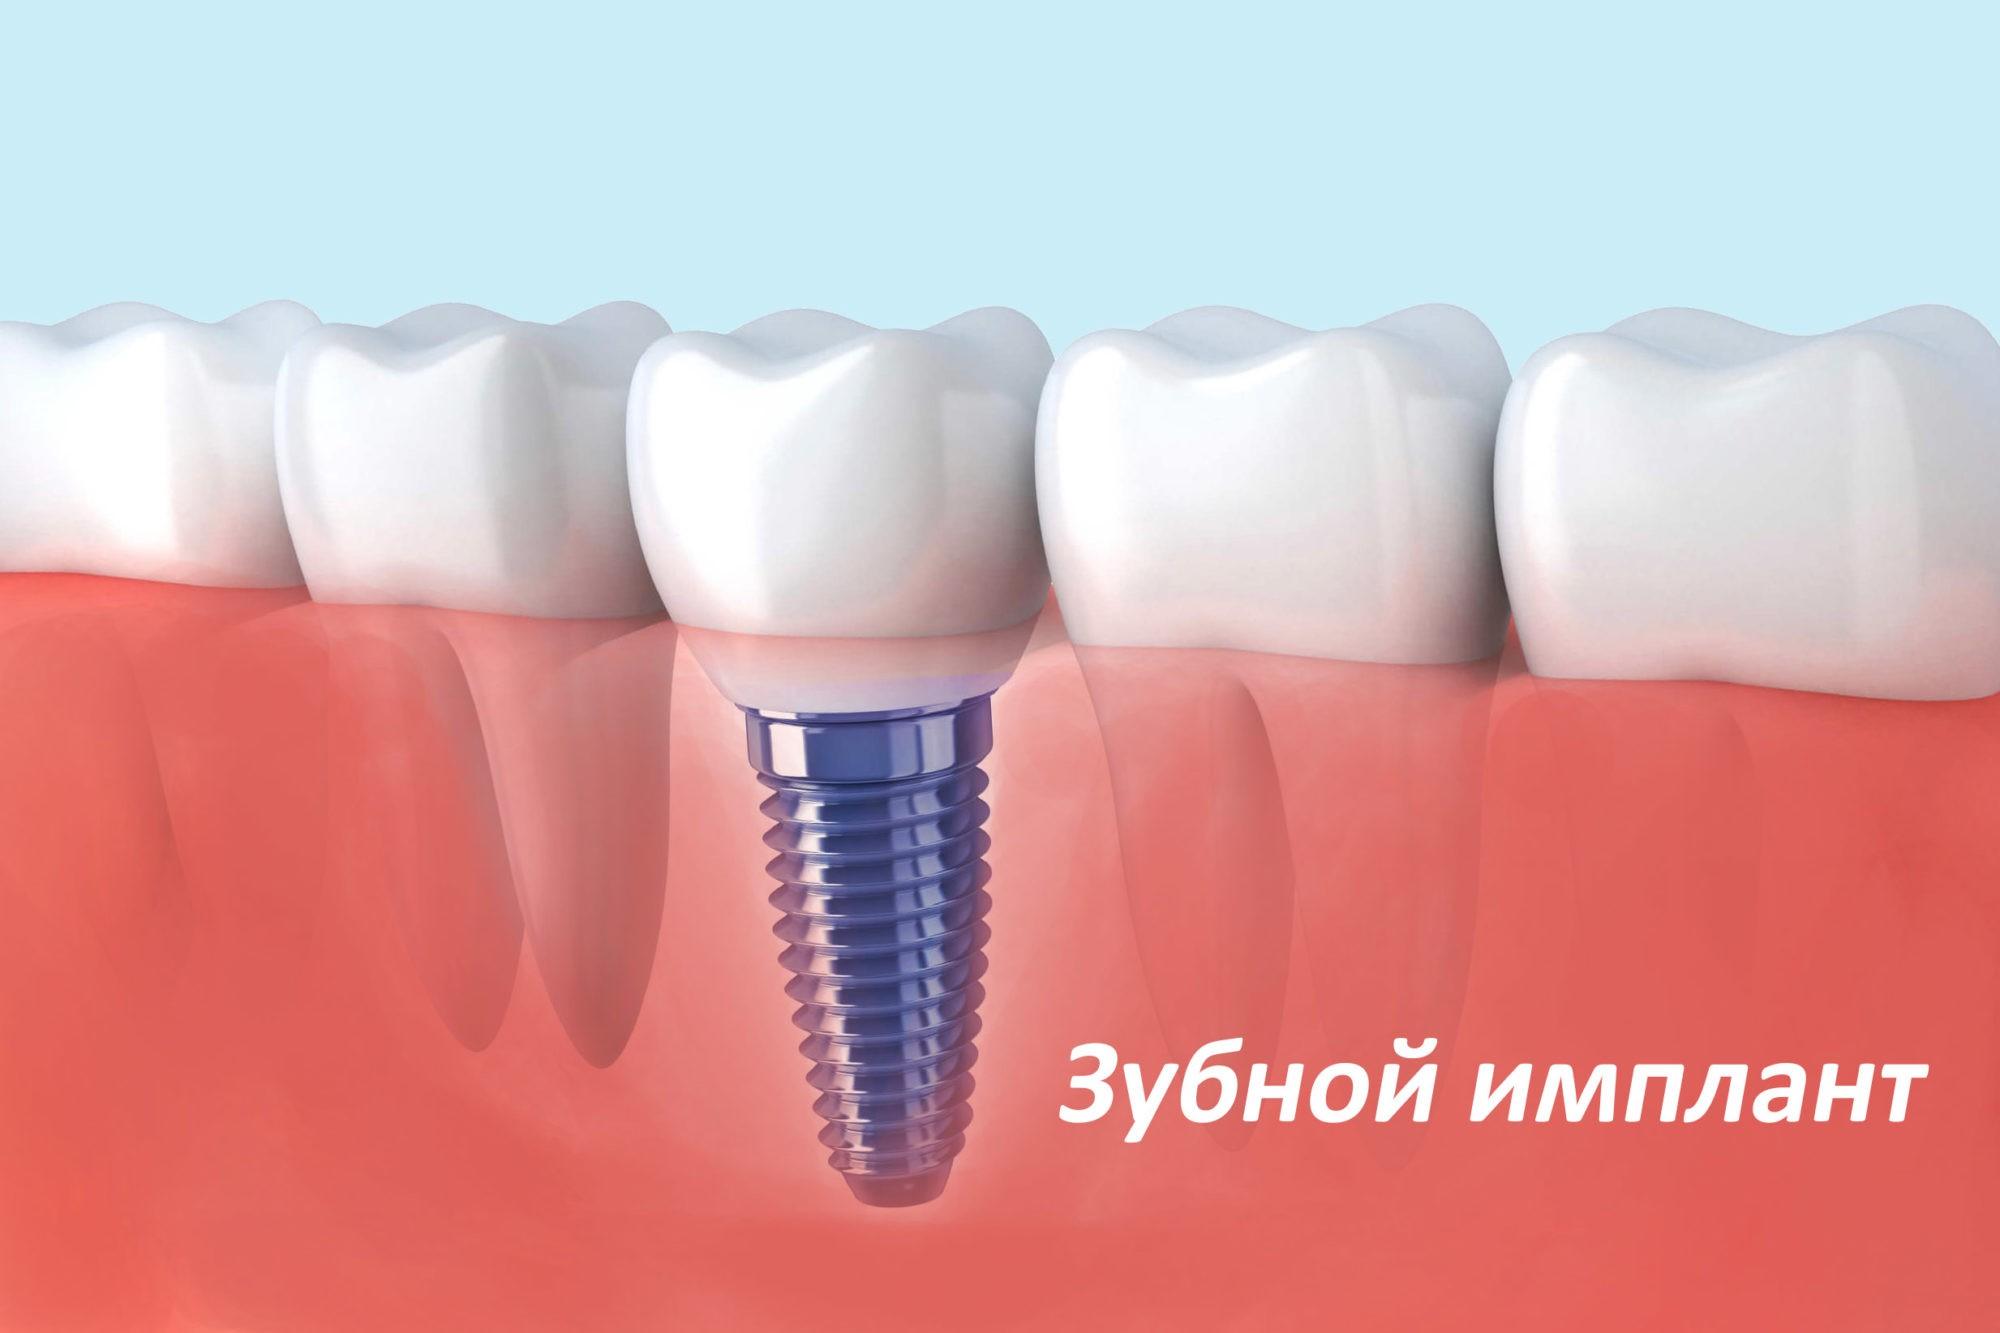 зубной имплант в Краснодаре